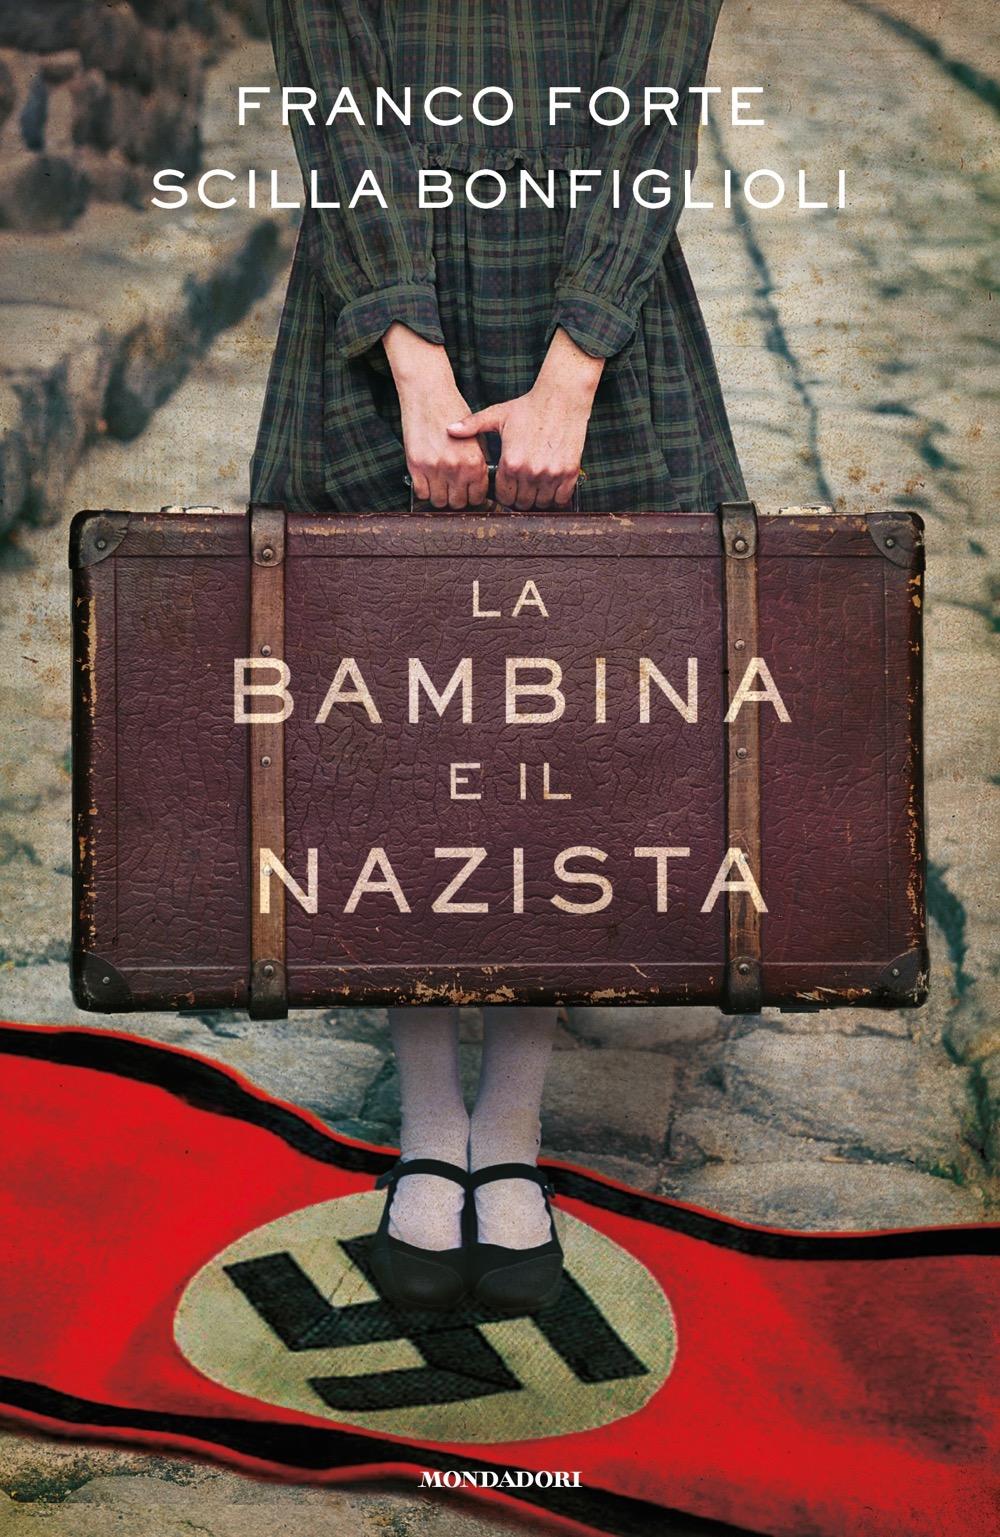 La bambina e il nazista - Franco Forte, Scilla Bonfiglioli | Libri ...